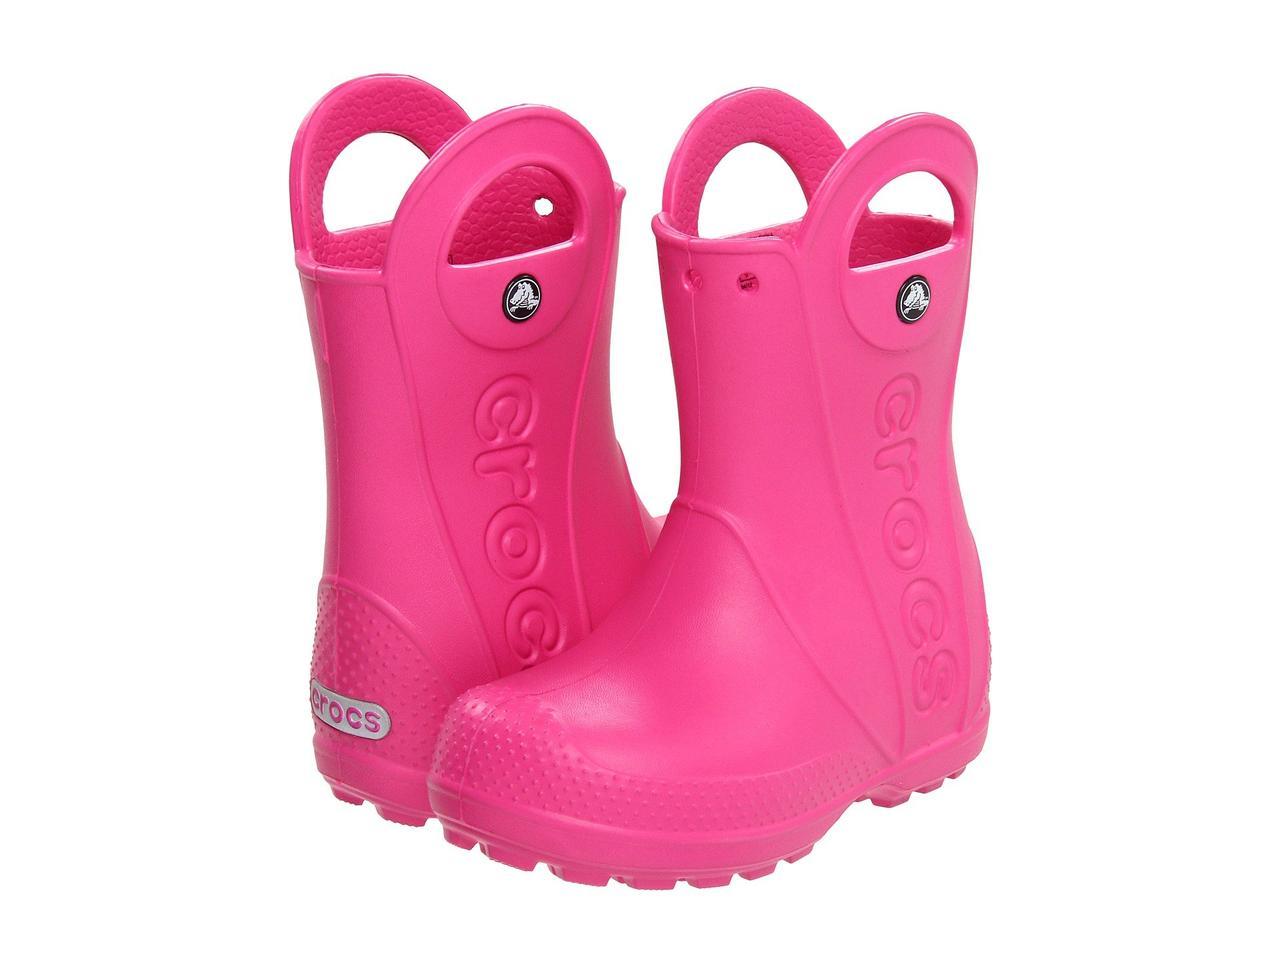 Сапоги резиновые для девочки дождевики Кроксы с ручками / Crocs Kids Handle It Rain Boot (12803), Ярко-розовые